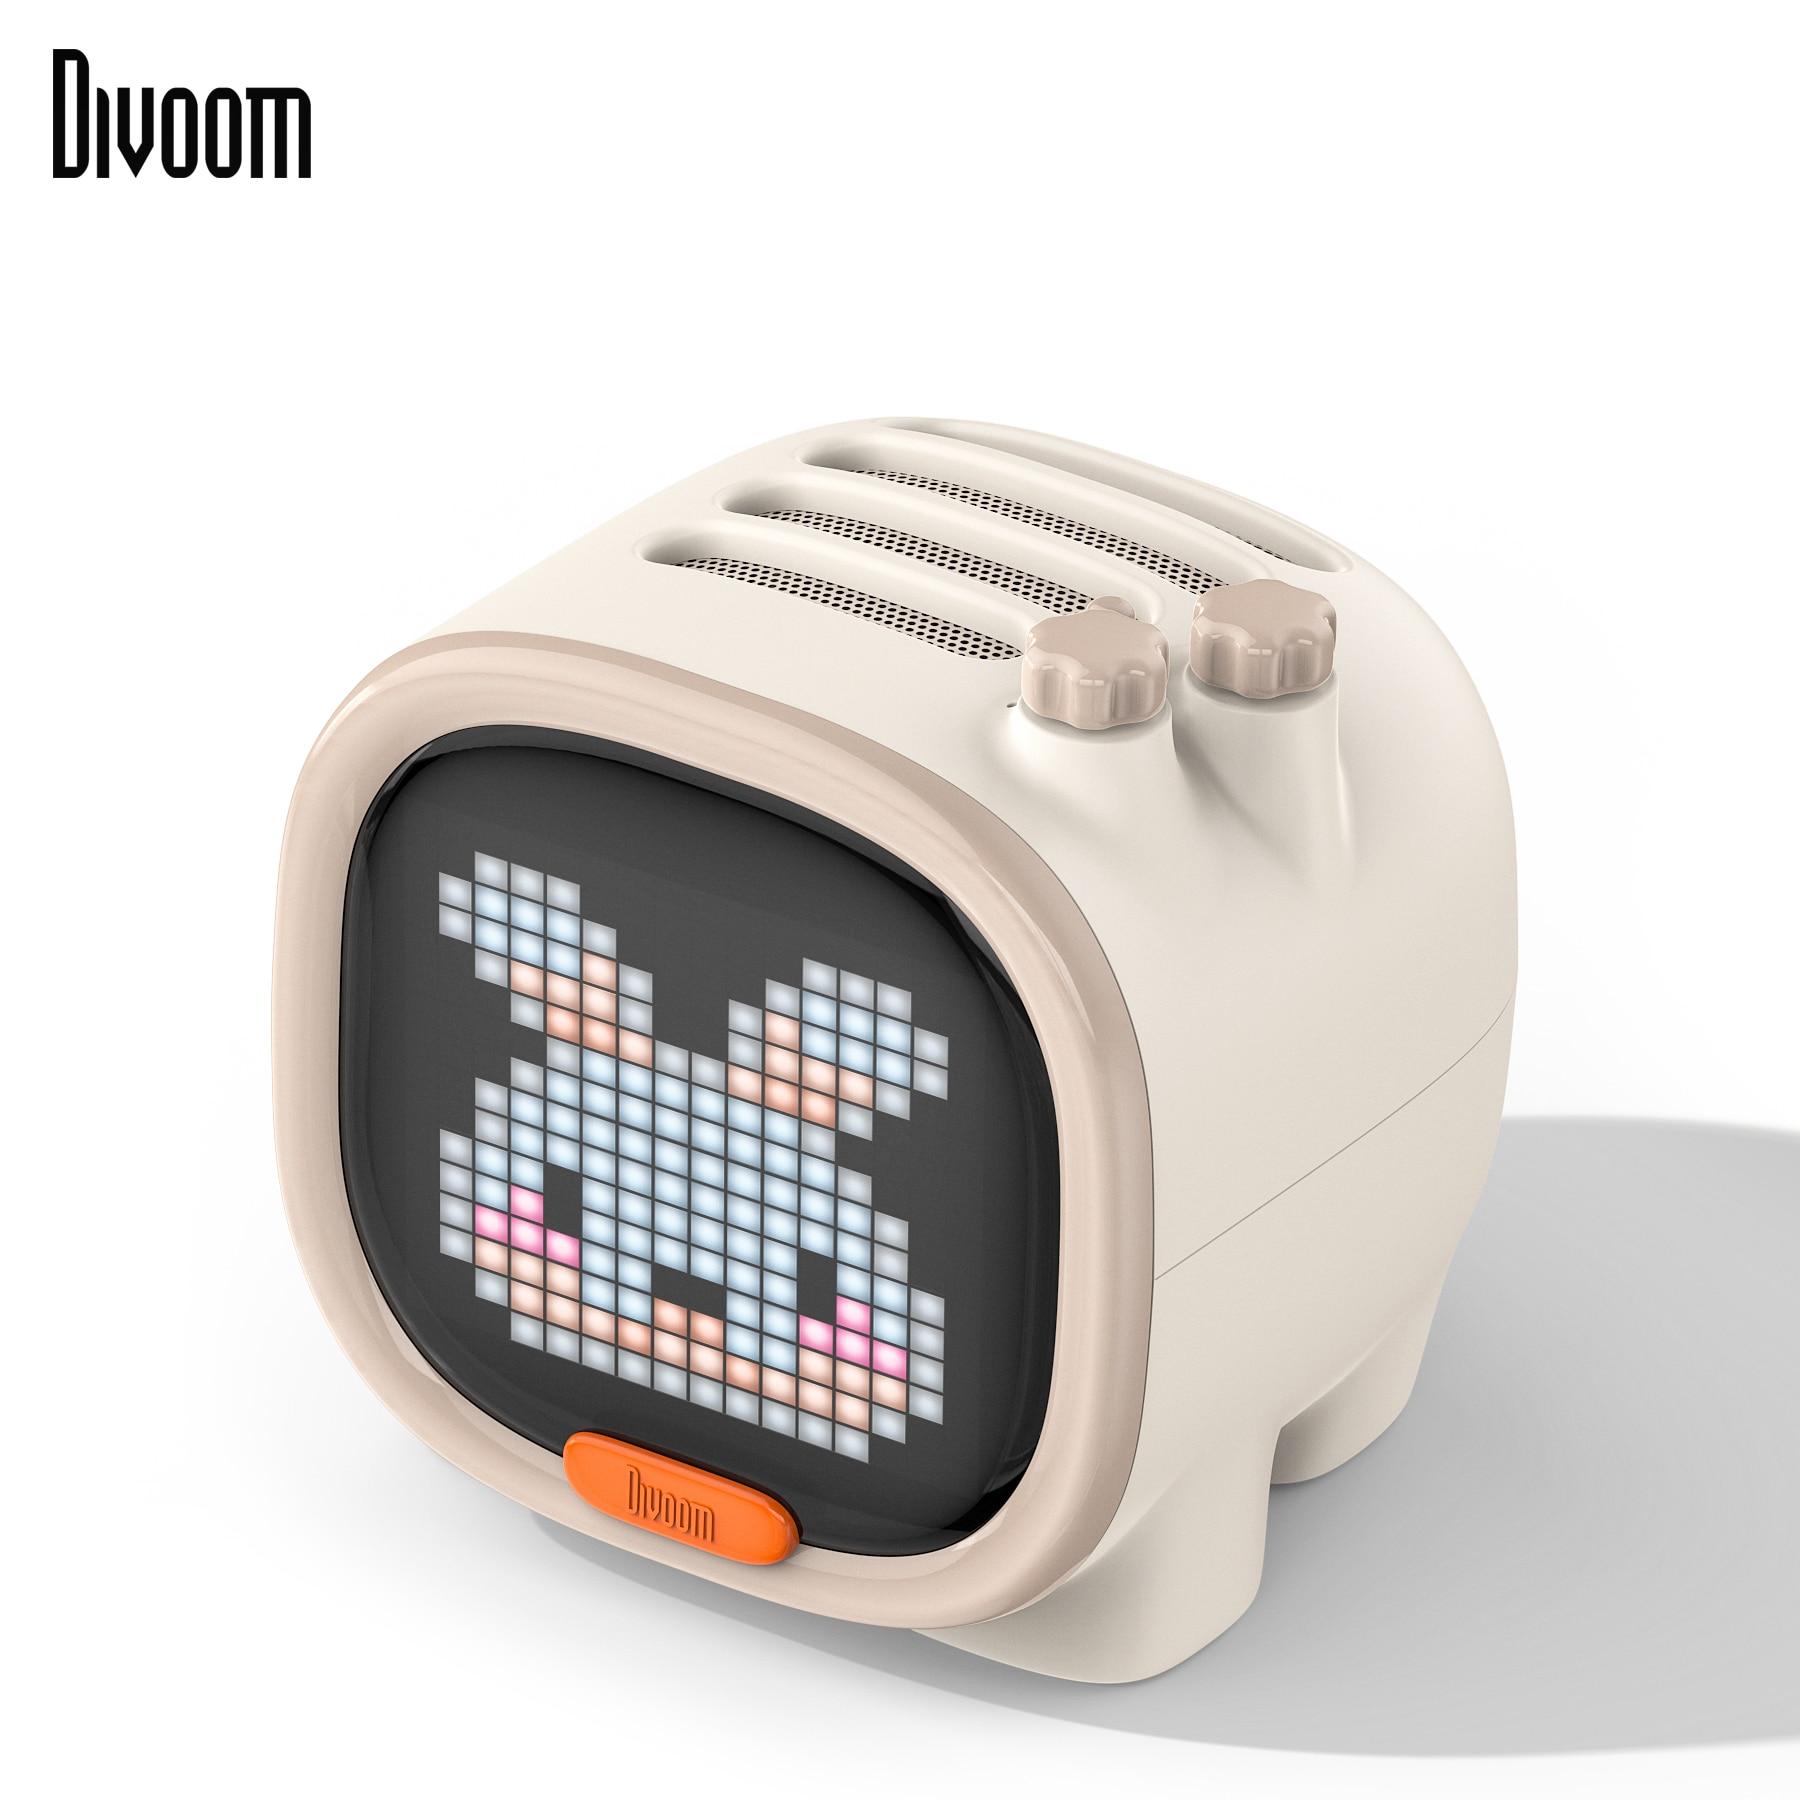 Divoom Timoo Pixel Art Bluetooth haut-parleur Portable sans fil haut-parleur horloge alarme mignon Gadget décoration de bureau avec écran LED